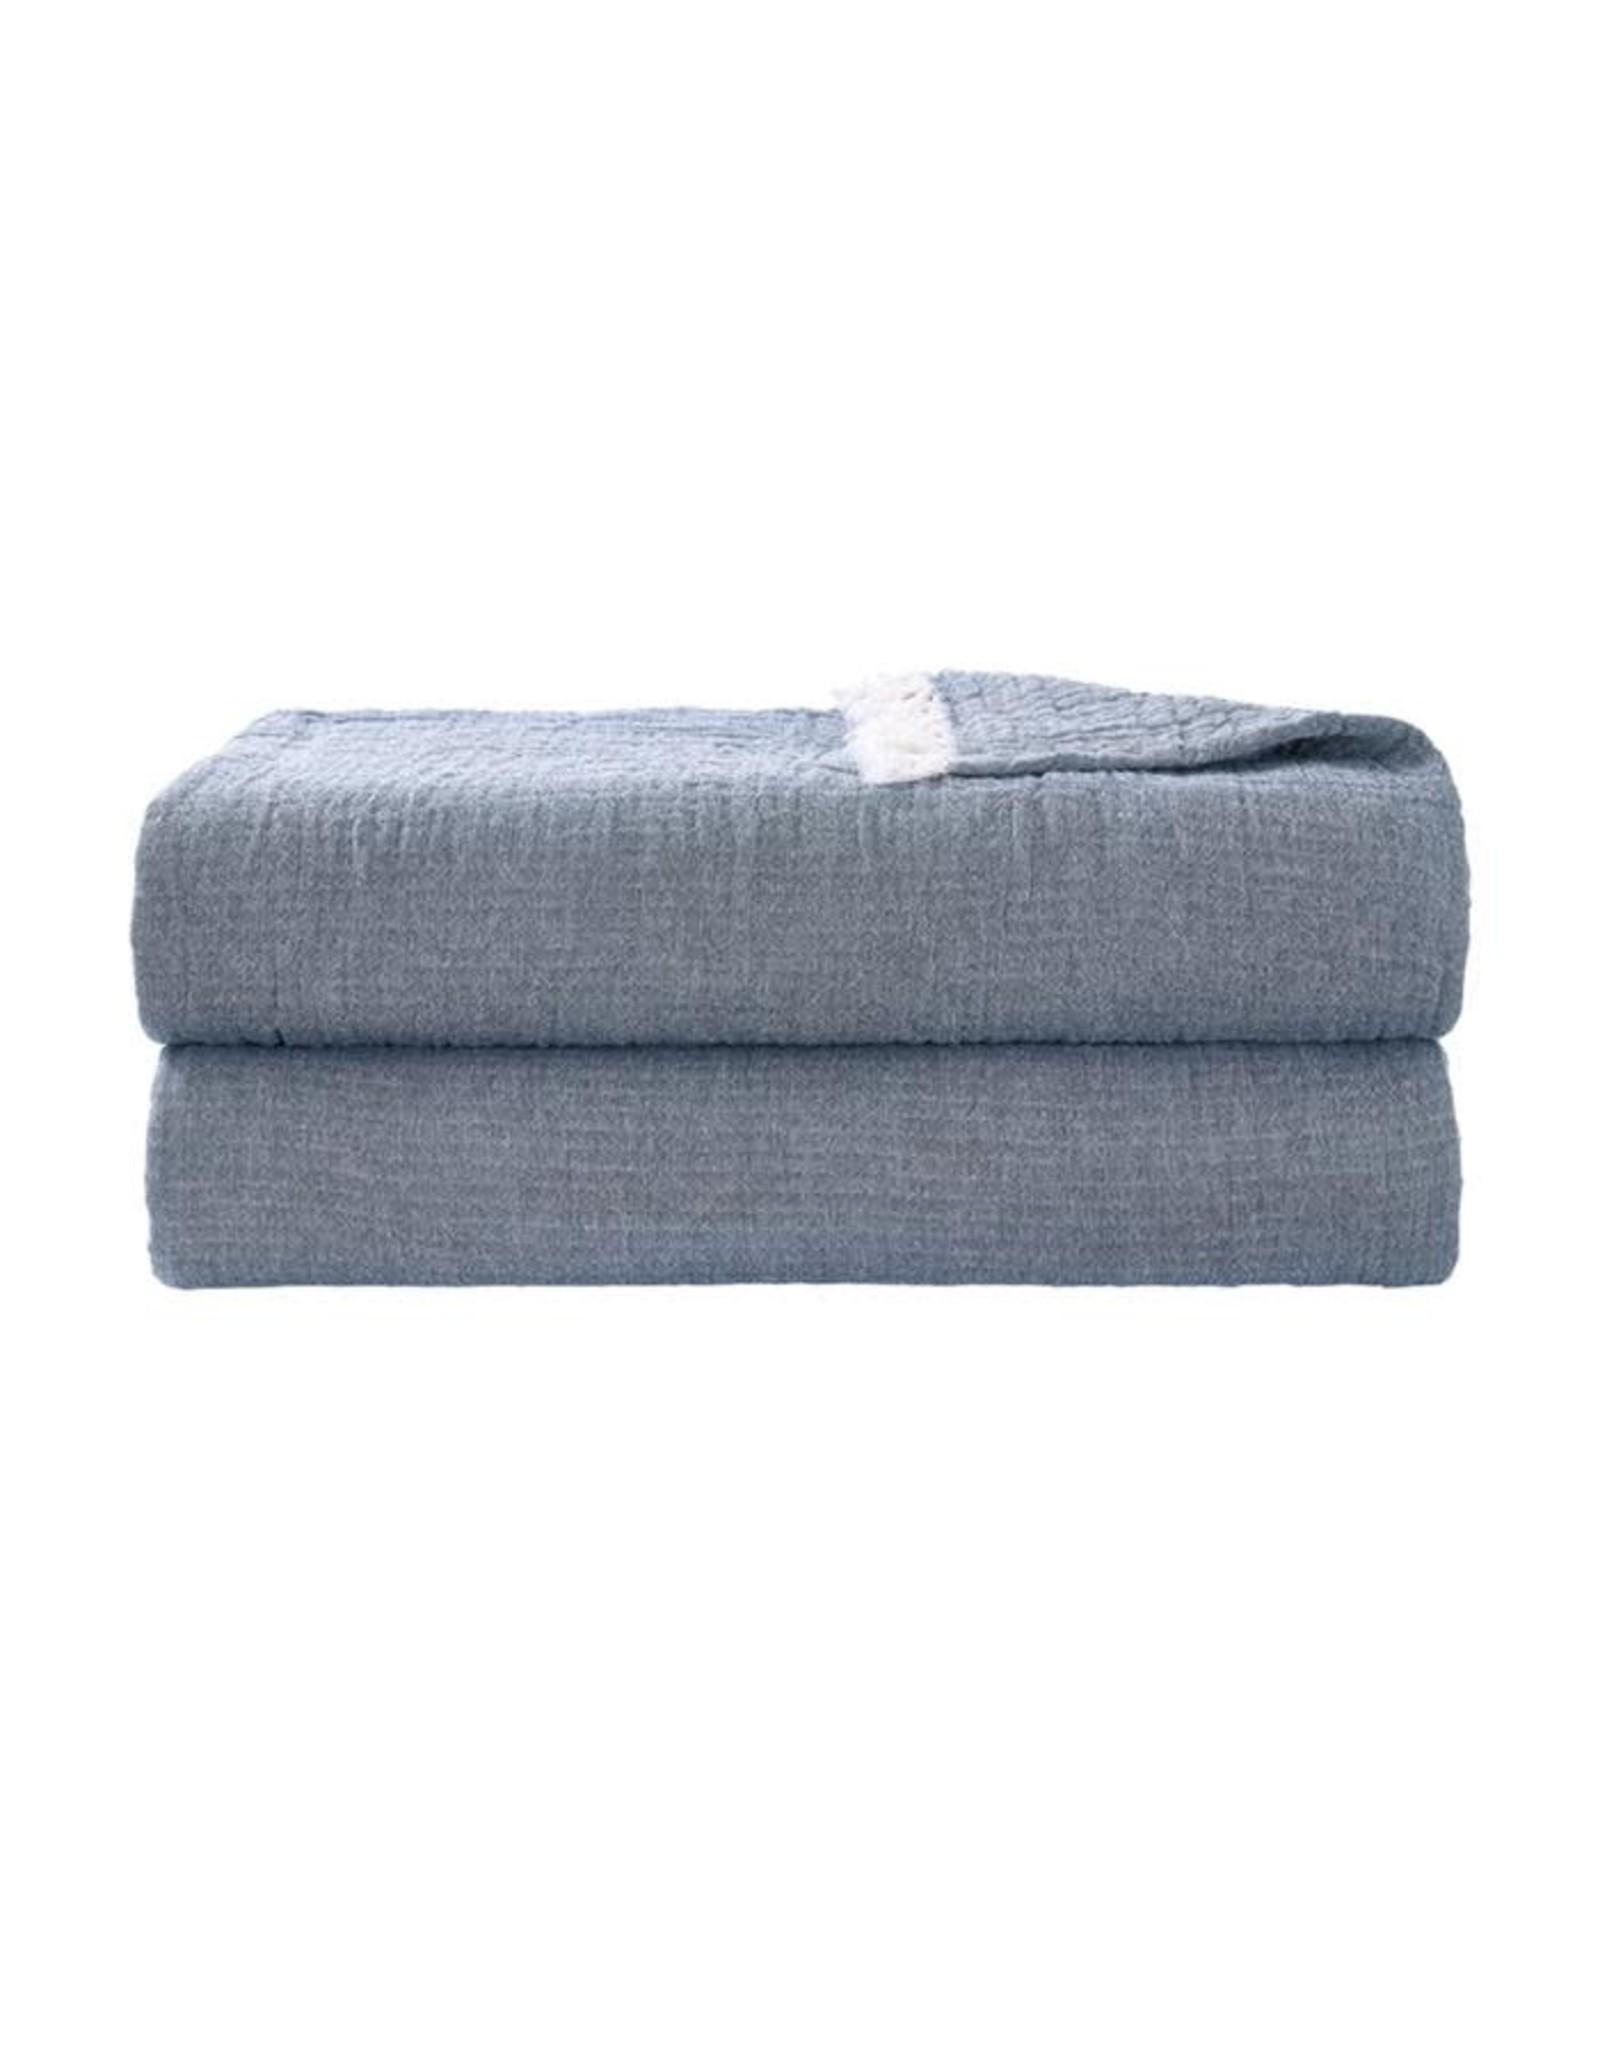 Bedcover Minorque